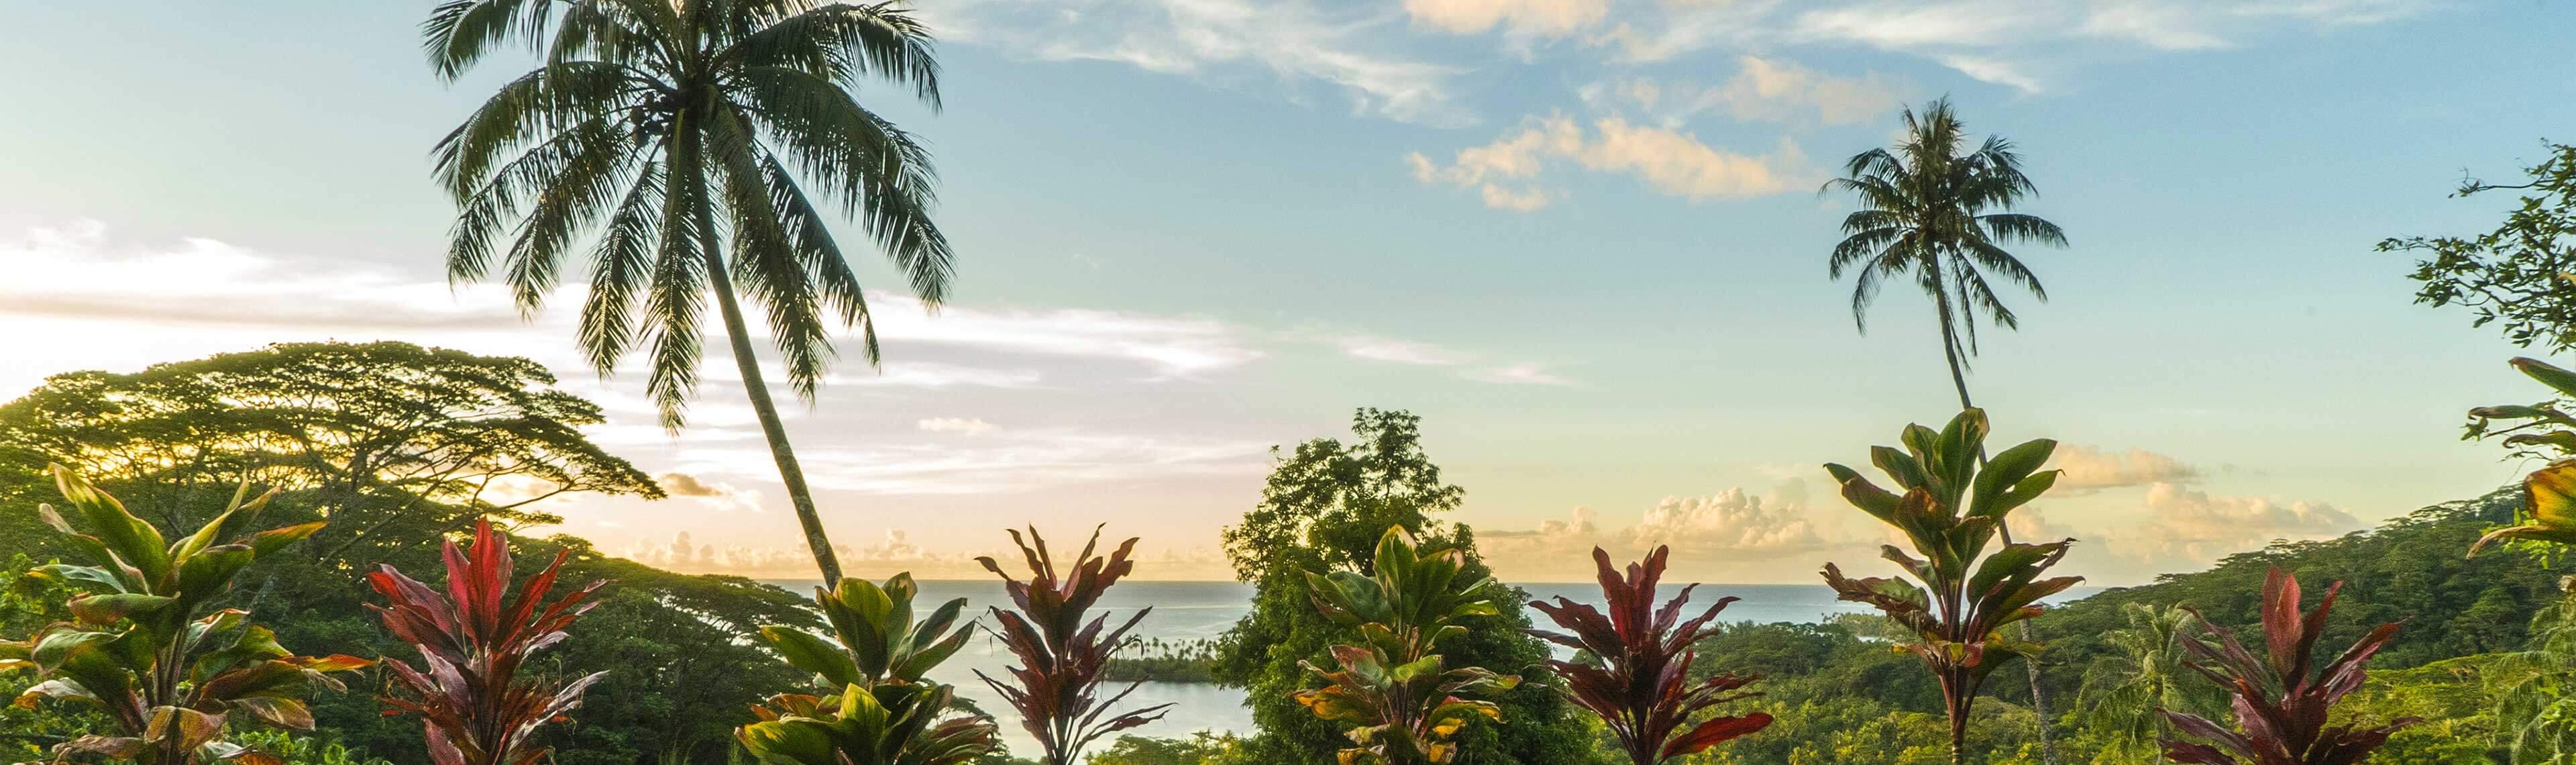 tahitian weather